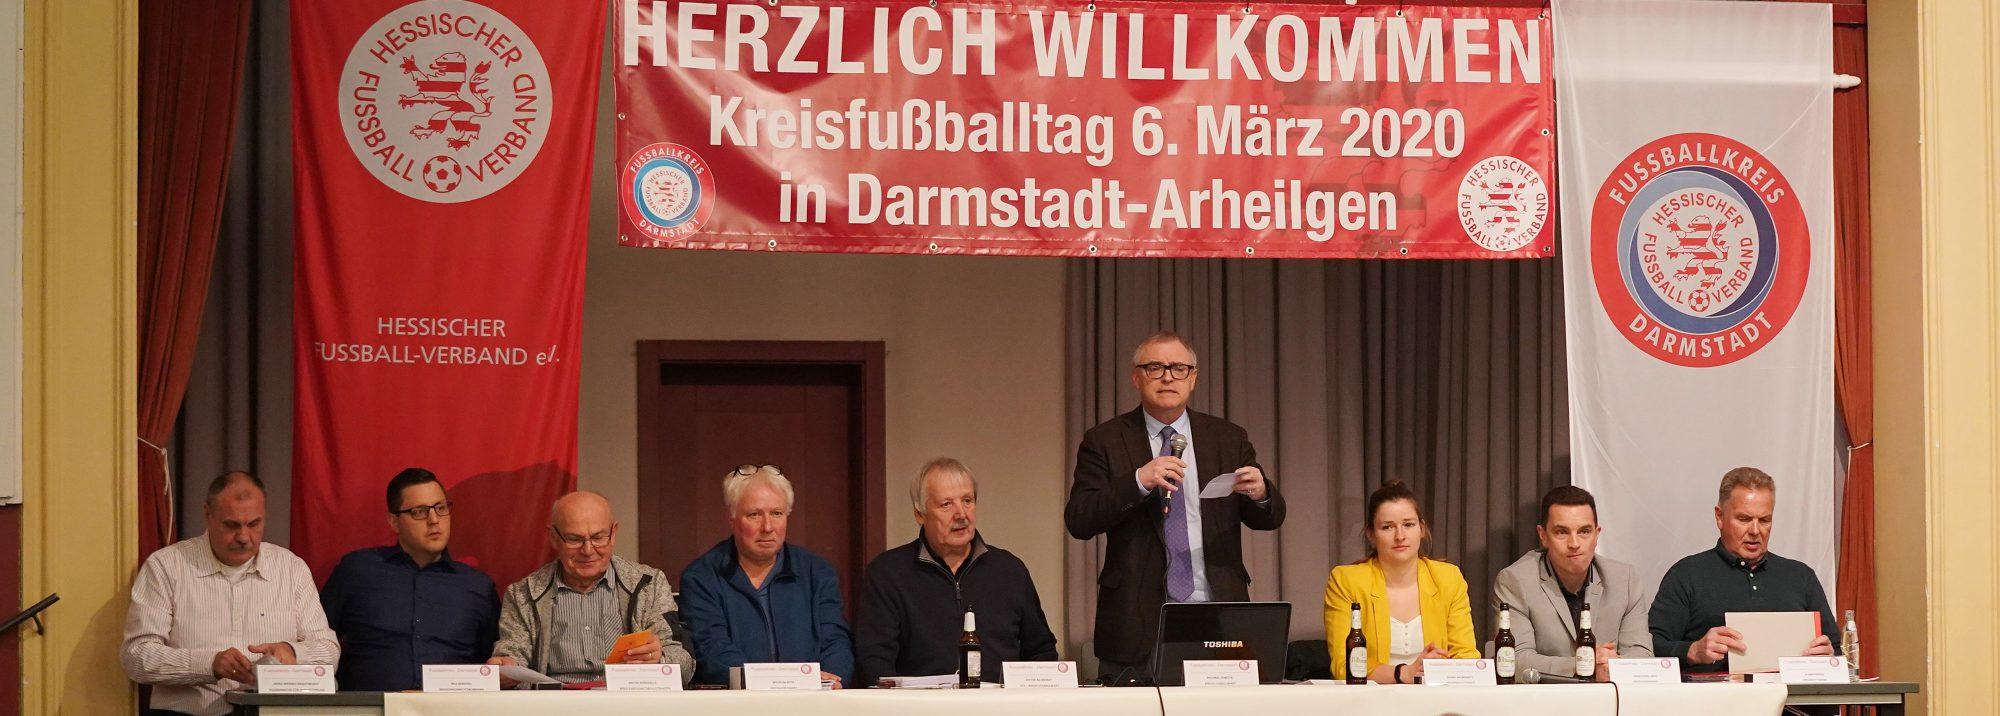 Fußballkreis Darmstadt